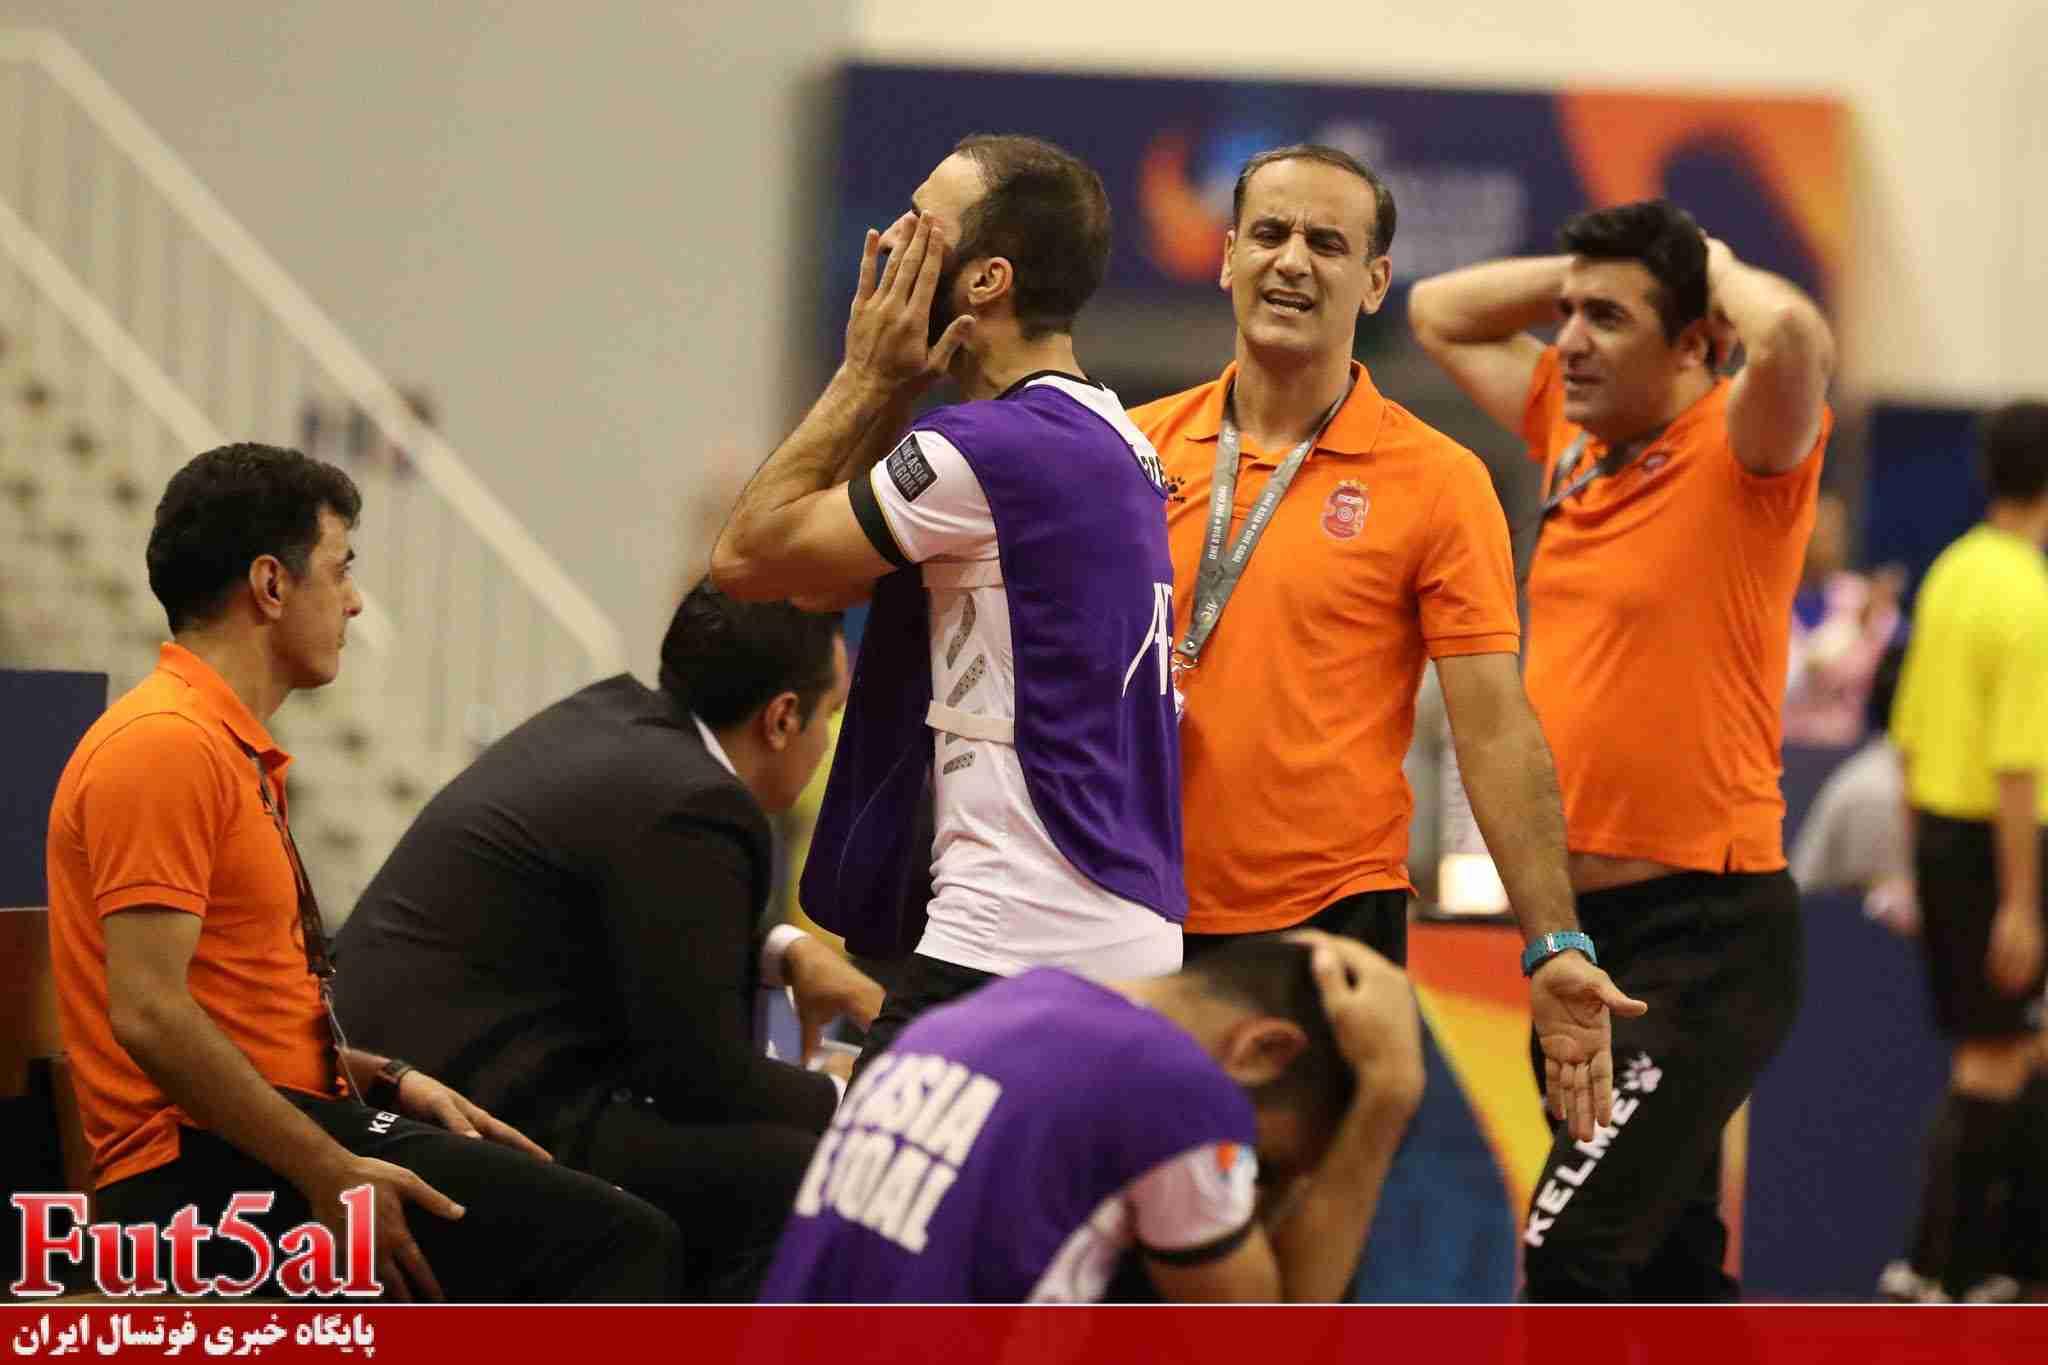 سری دوم گزارش تصویری/بازی تیم های گیتی پسند ایران با چونبوری تایلند